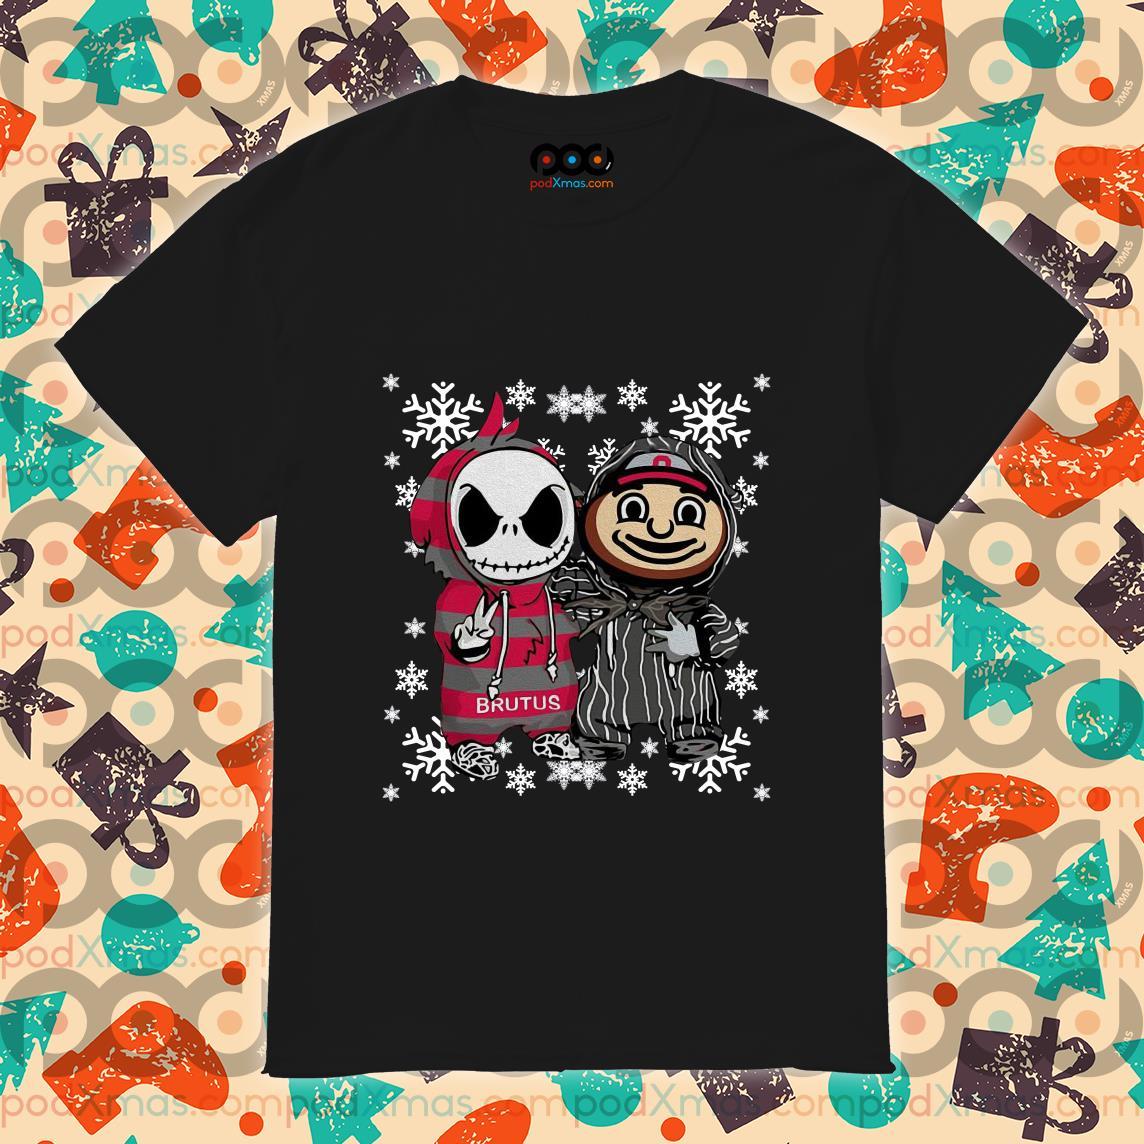 Jack Skellington And Brutus Buckeye Christmas shirt